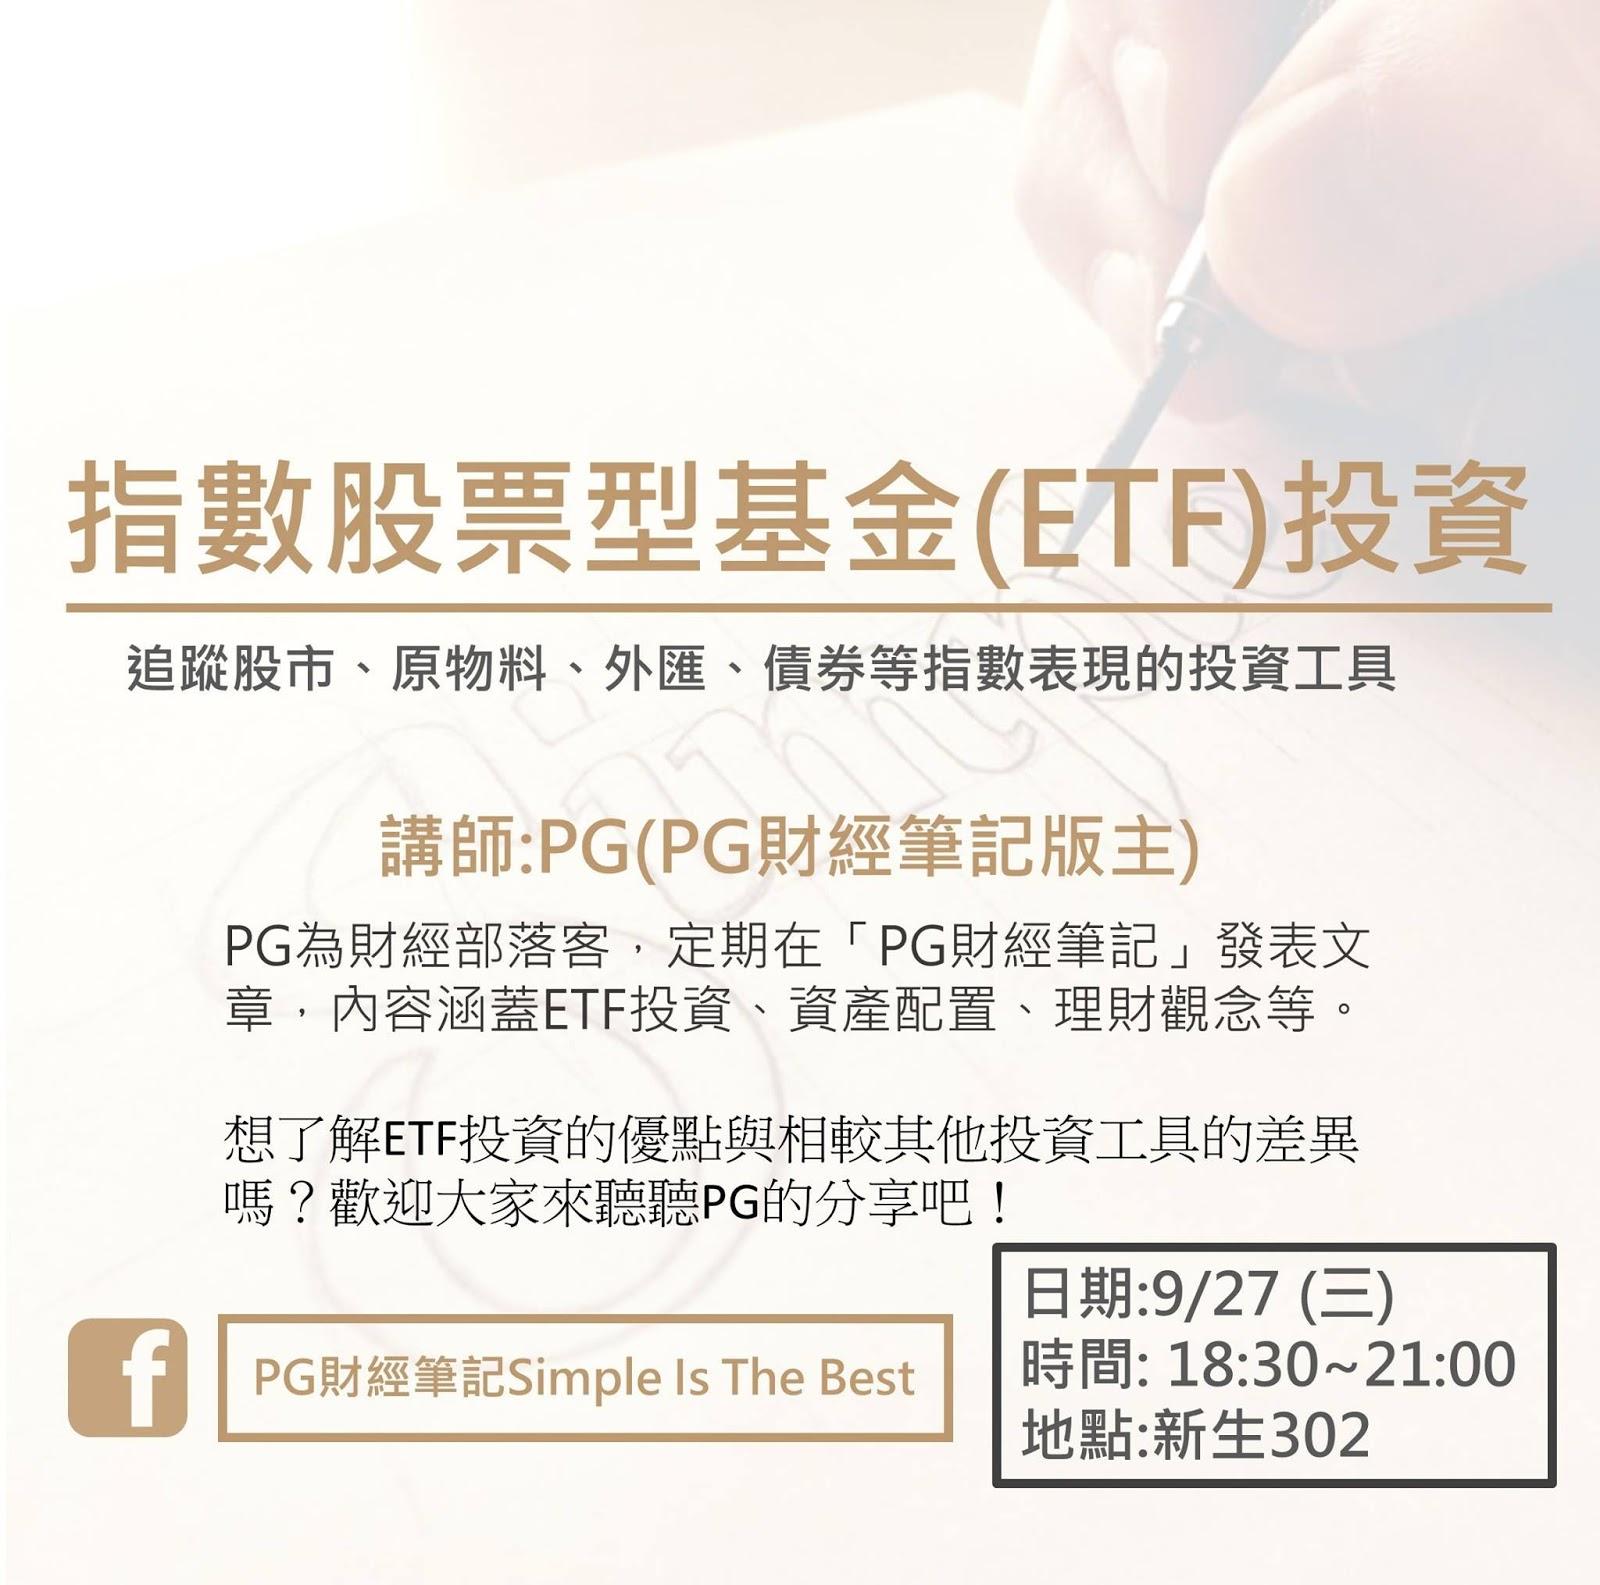 Photo of 臺大證券研究社演講:ETF投資